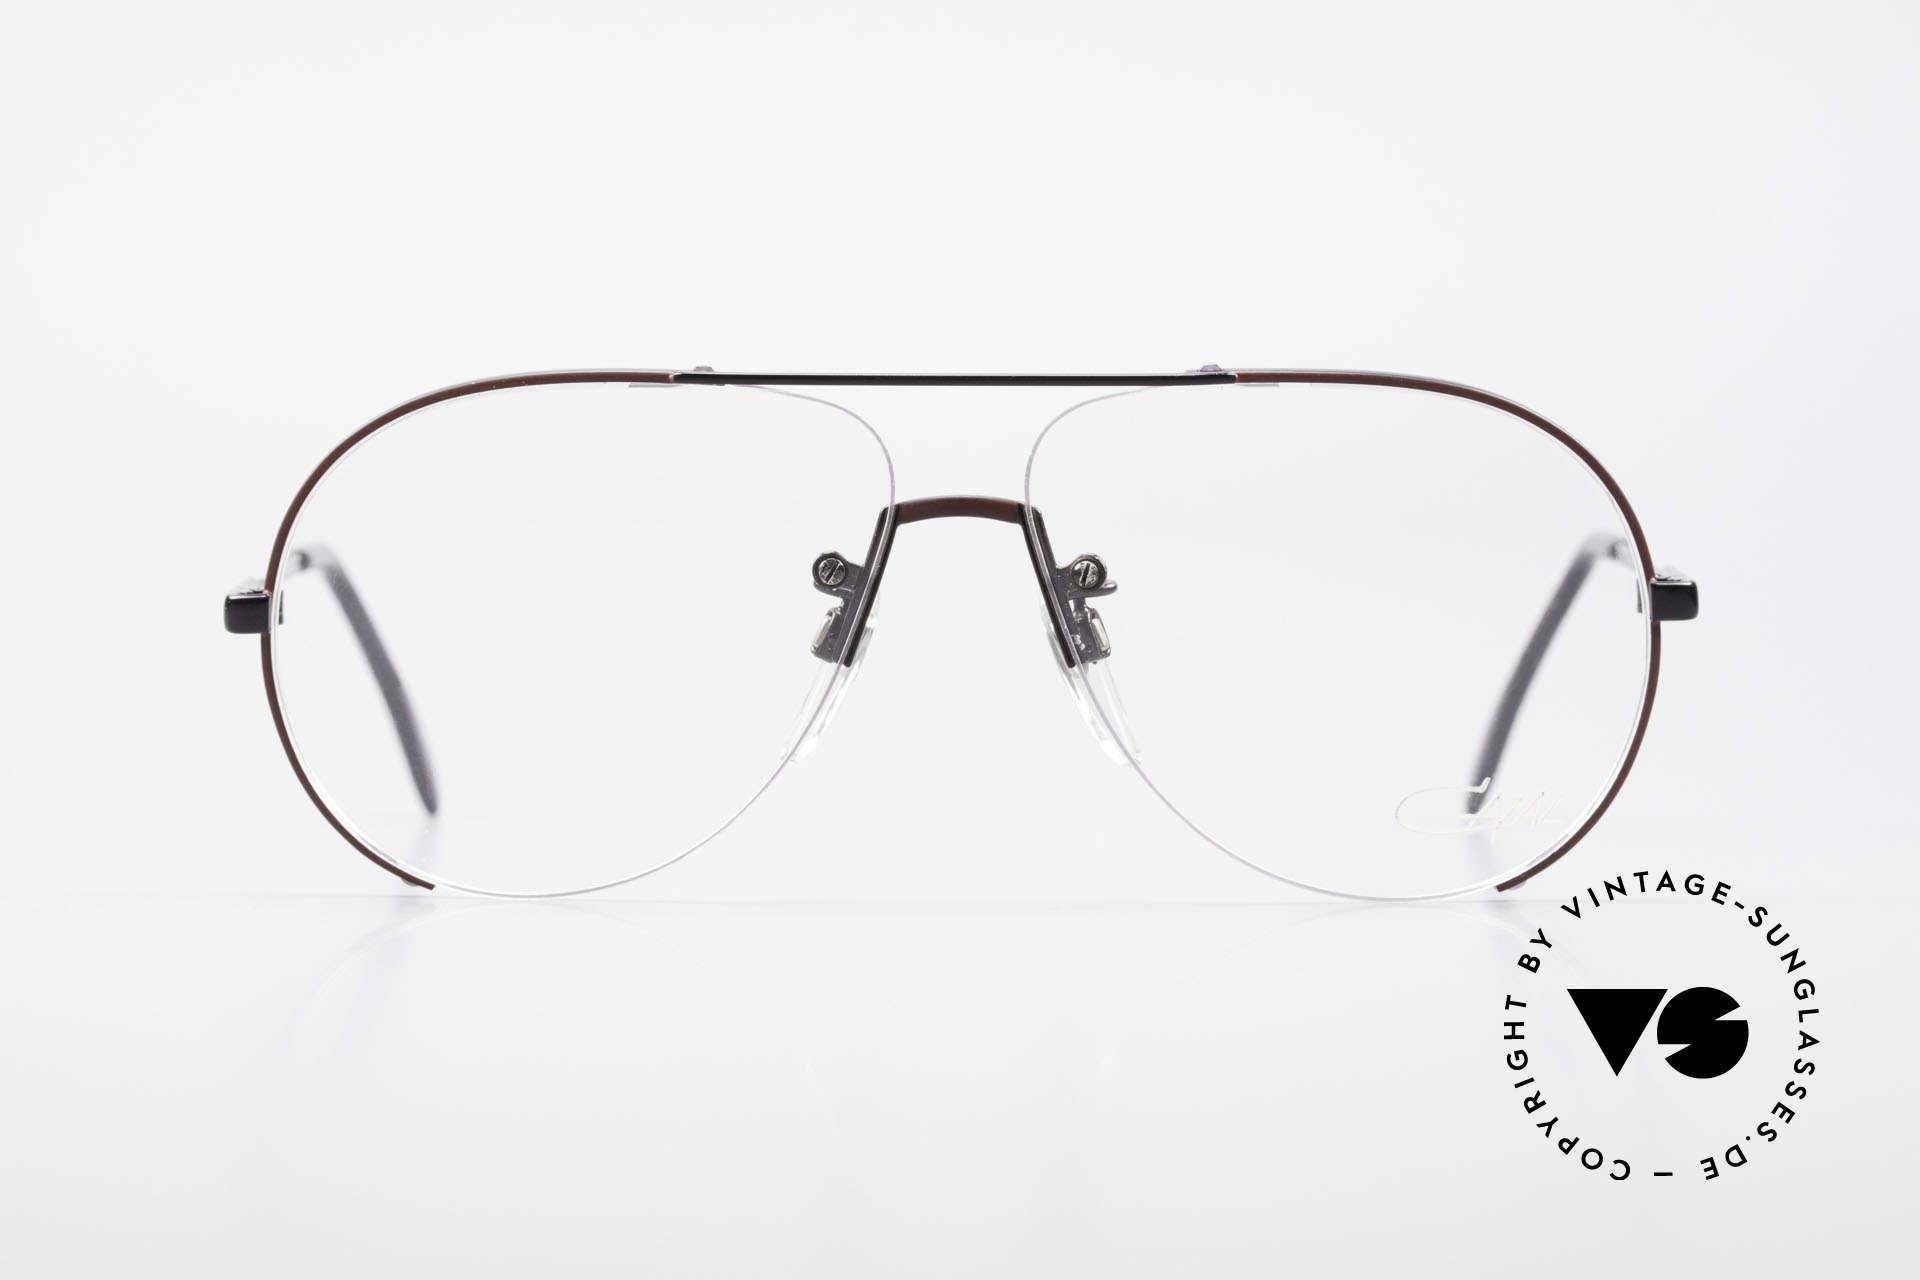 Cazal 723 Randlose 80er Pilotenbrille, interessante Konstruktion von Rahmen & Gläsern, Passend für Herren